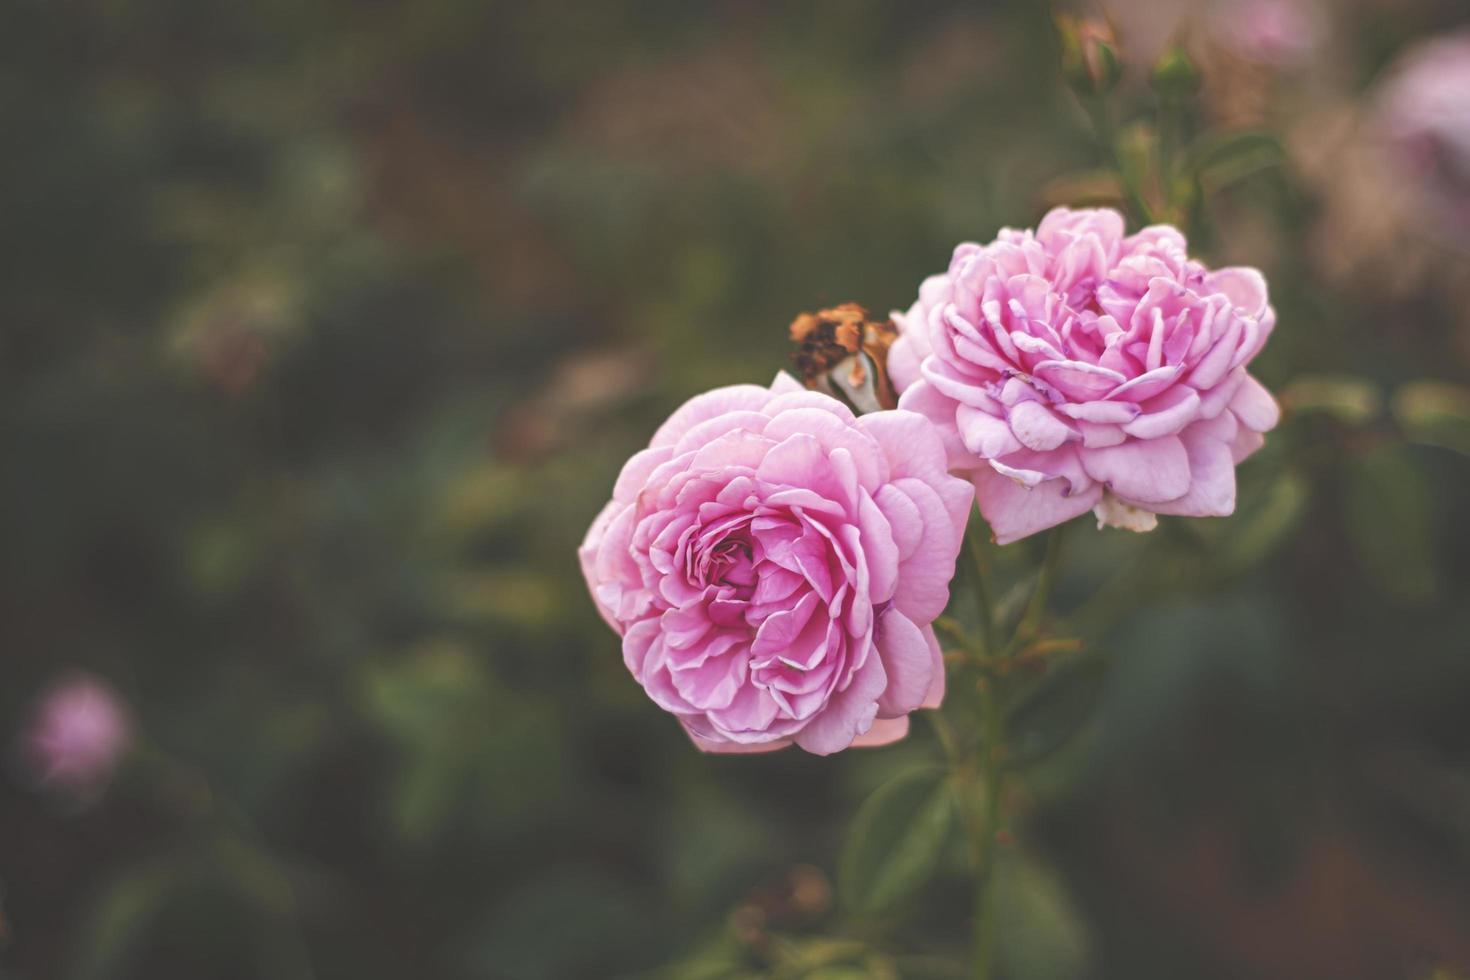 Rosa rosa en el jardín, luz brillante del atardecer, fondo floral foto